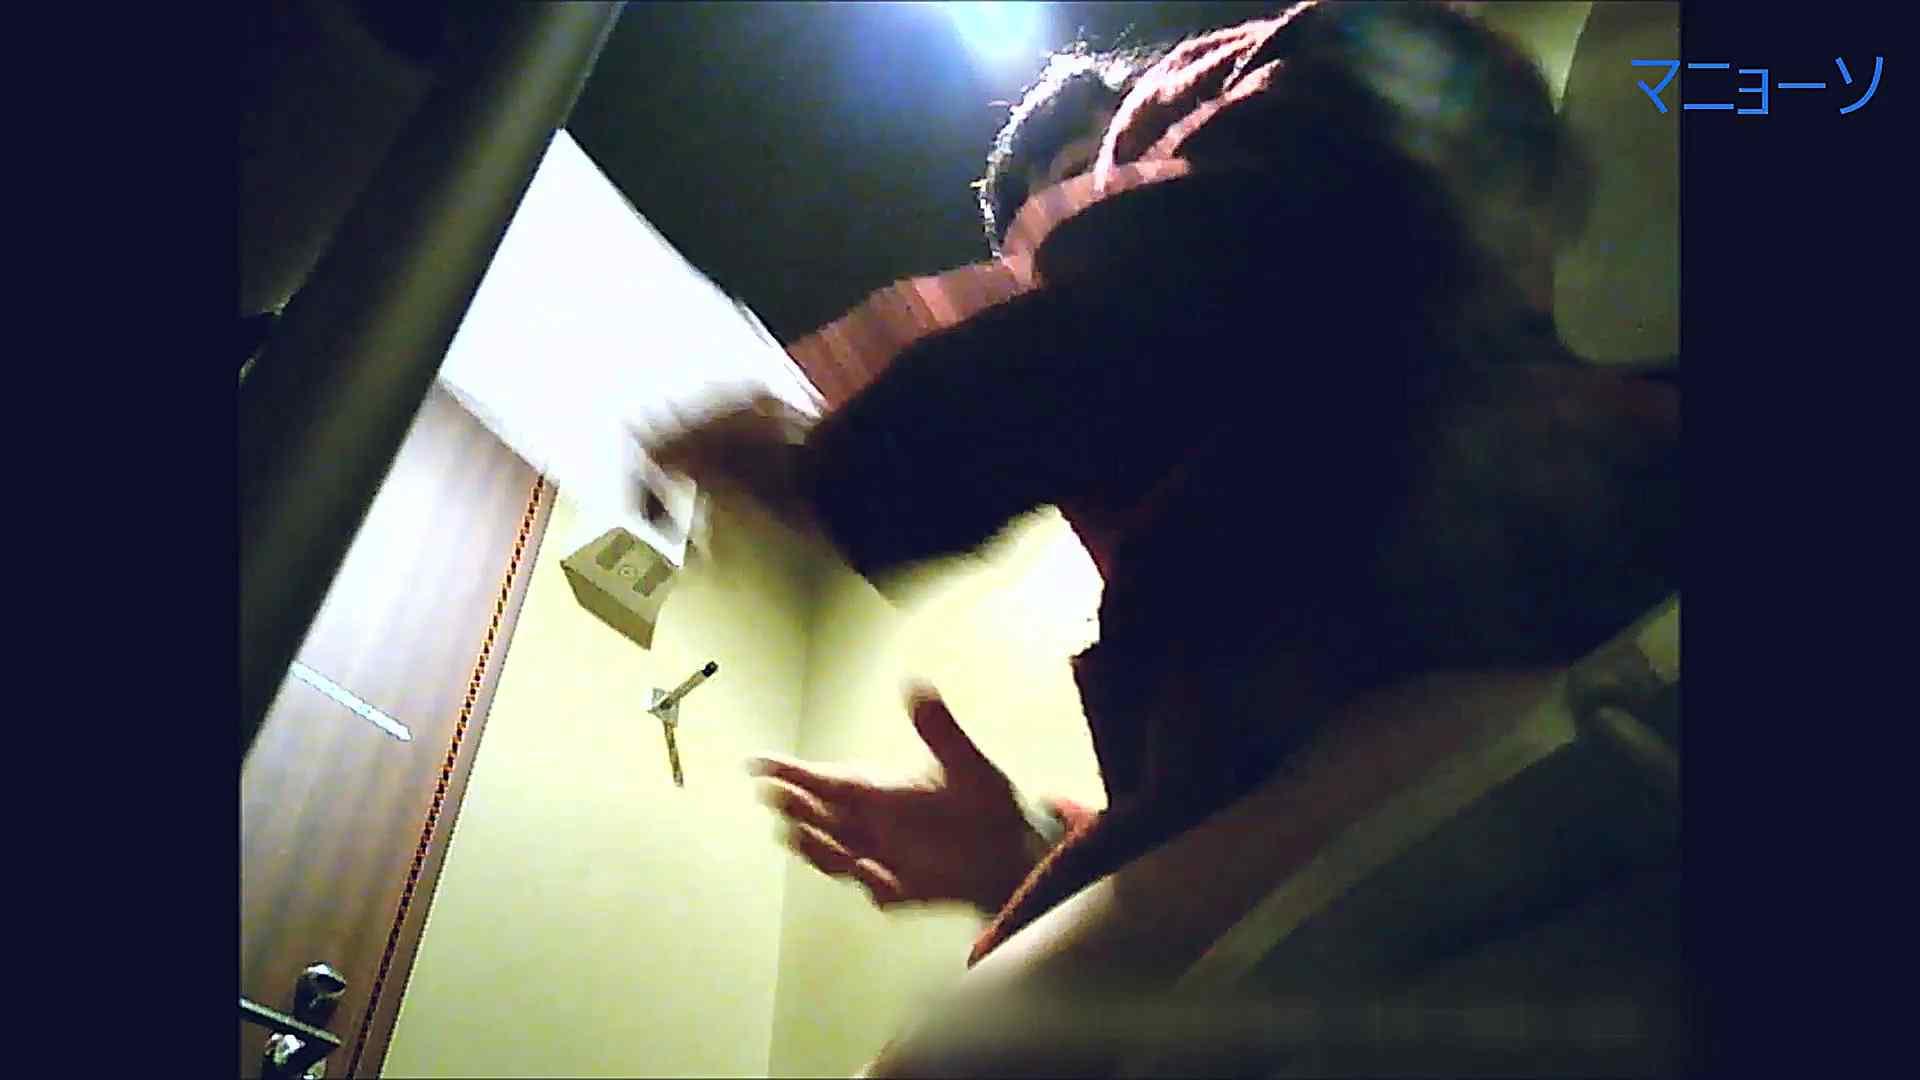 トイレでひと肌脱いでもらいました (JD編)Vol.07 OL  89pic 3